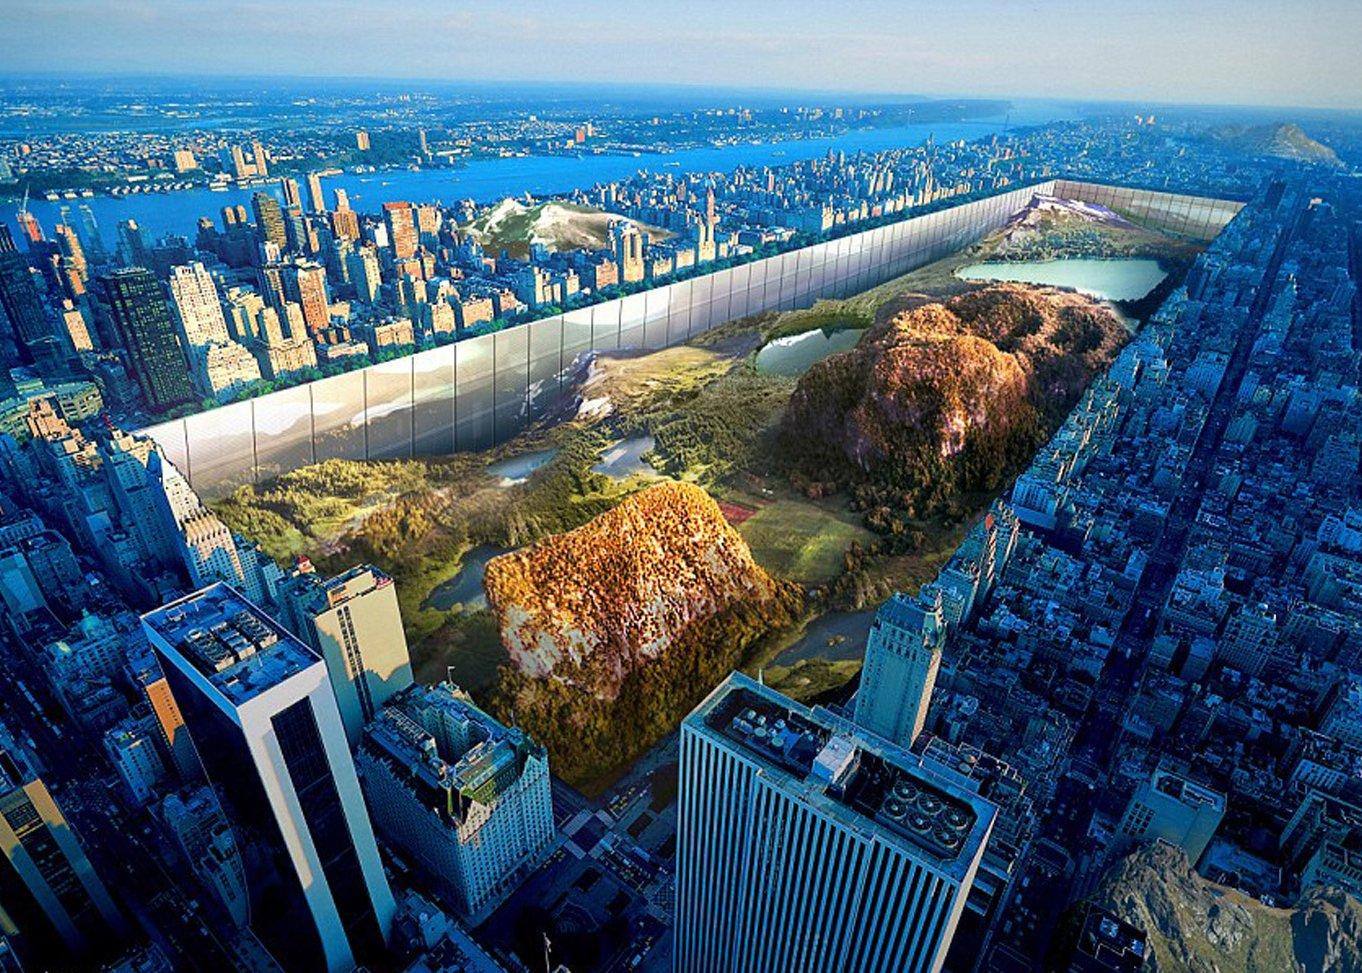 Den 1. Platz des eVolo-Hochhauswettbewerbes belegt eine kühne Vision einer vertikal verlaufenen Hochhausarchitektur rund um den Central Park in New York.